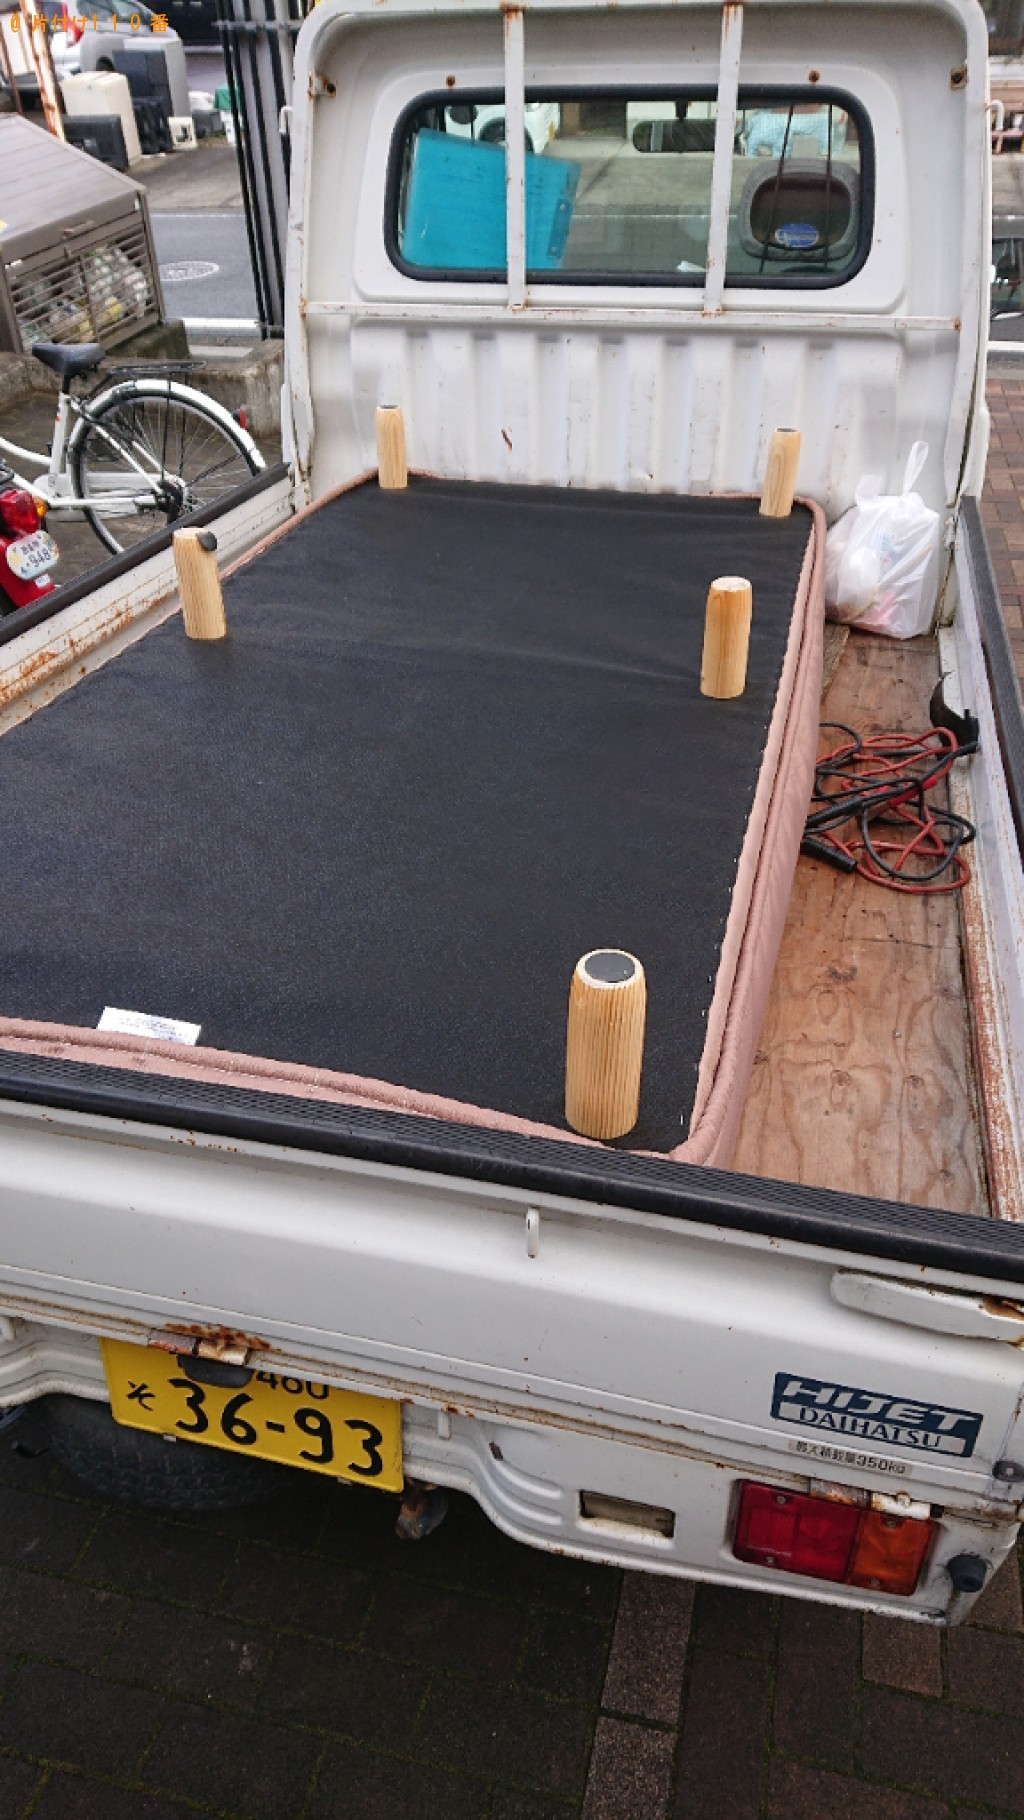 【東温市】シングルベッドの出張不用品回収・処分ご依頼 お客様の声